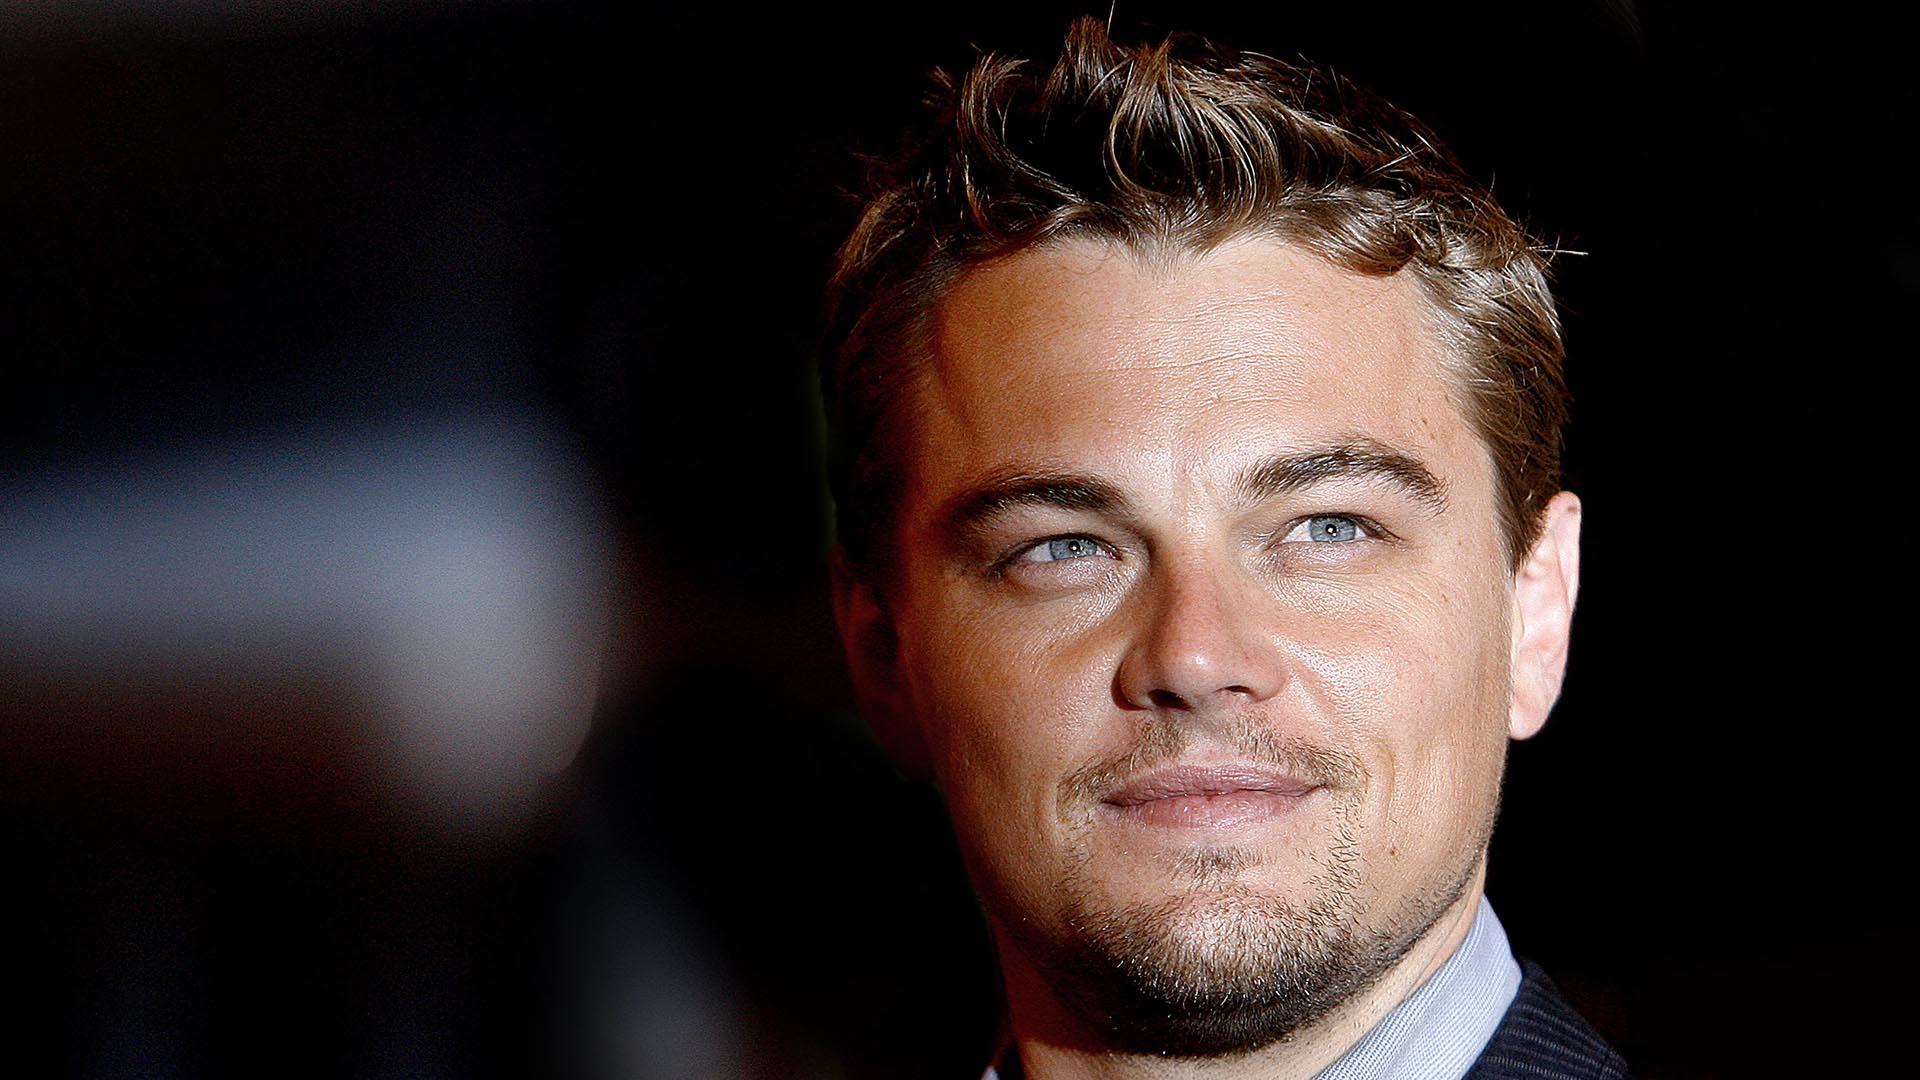 Leonardo DiCaprio es una máquina de hacer dinero en Hollywood pero sin demasiada publicidad. Sus redes sociales solo las usa para causas nobles